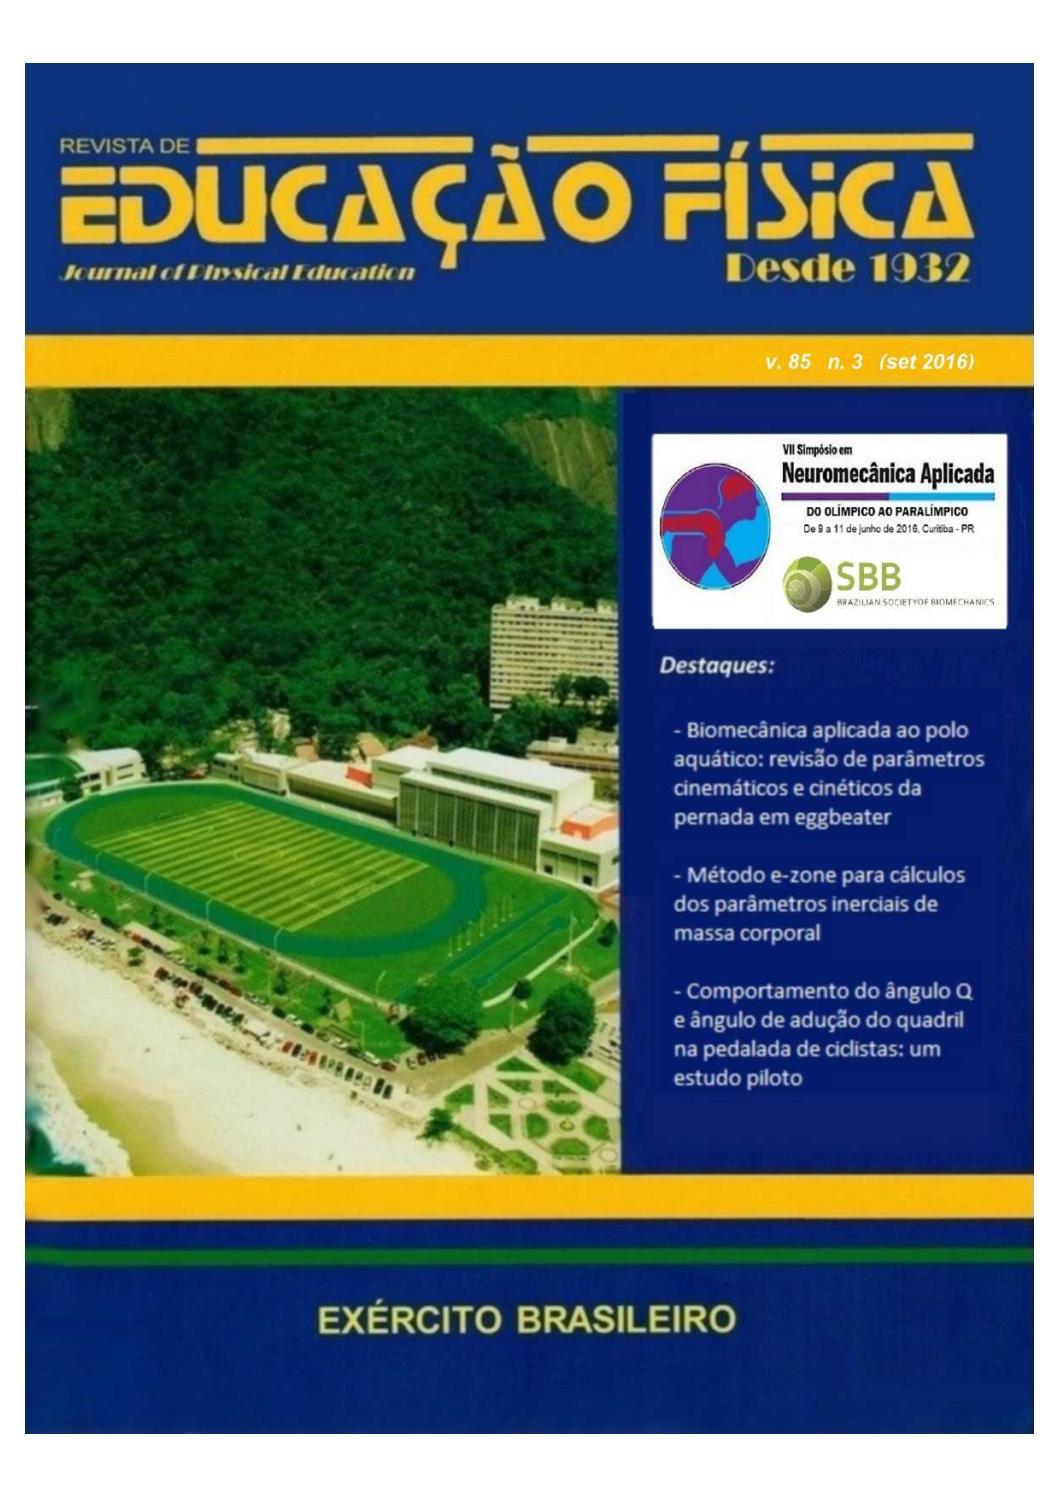 Revista De Educação Fisica Journal Of Physical Education V85 2016 N3 By Revista De Educação Física Journal Of Physical Education Issuu